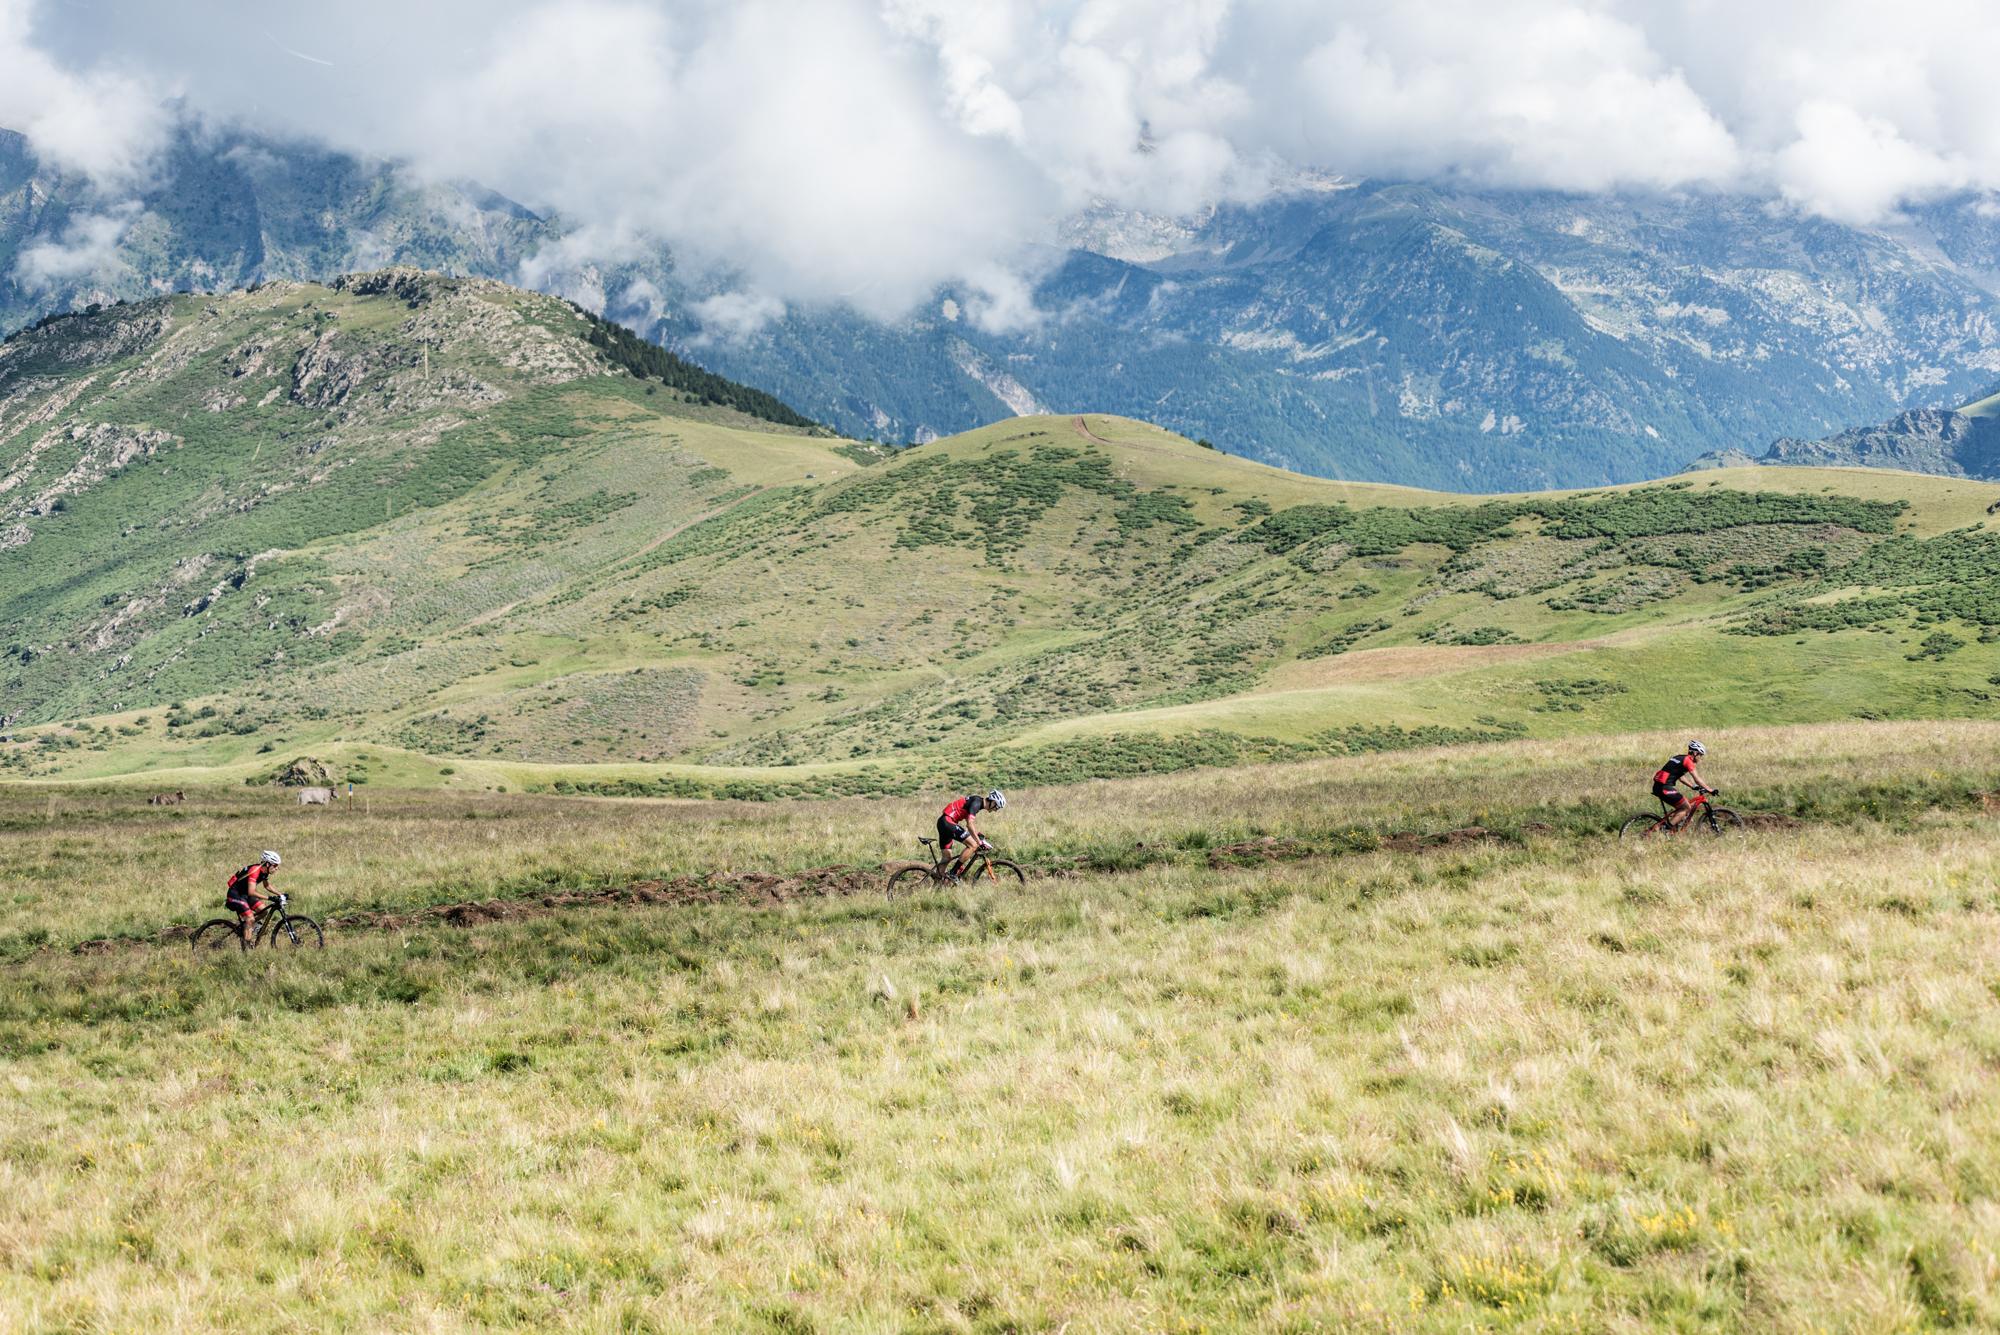 La final de la Scott Marathon Cup a Vall de Boí del pròxim 1 de juliol serà una gran festa de l'esport dins el BUFF Mountain Festival